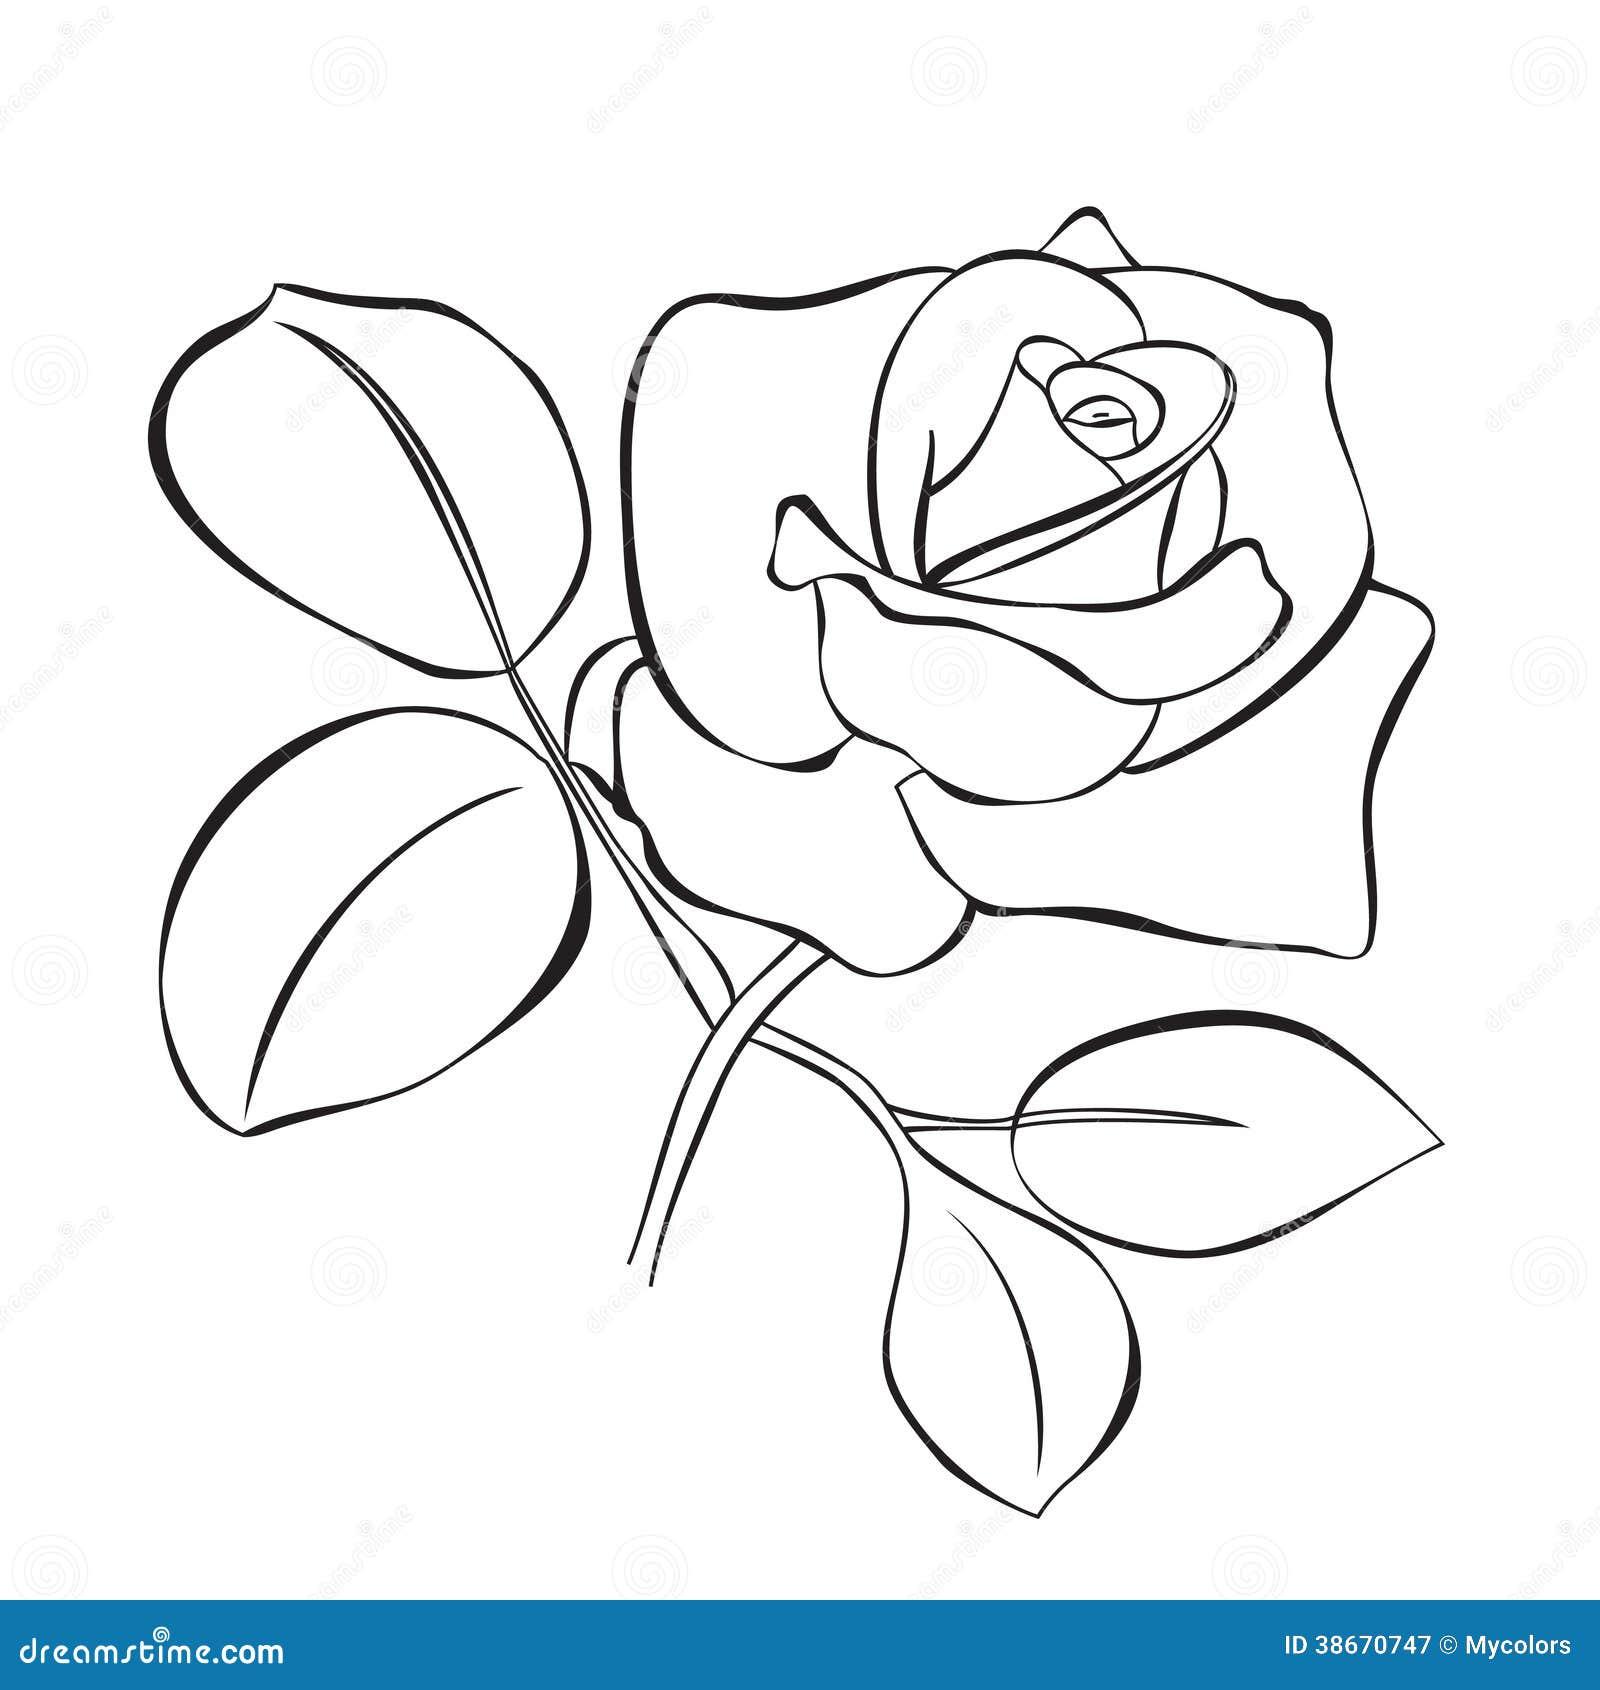 Как нарисовать розы для открытки